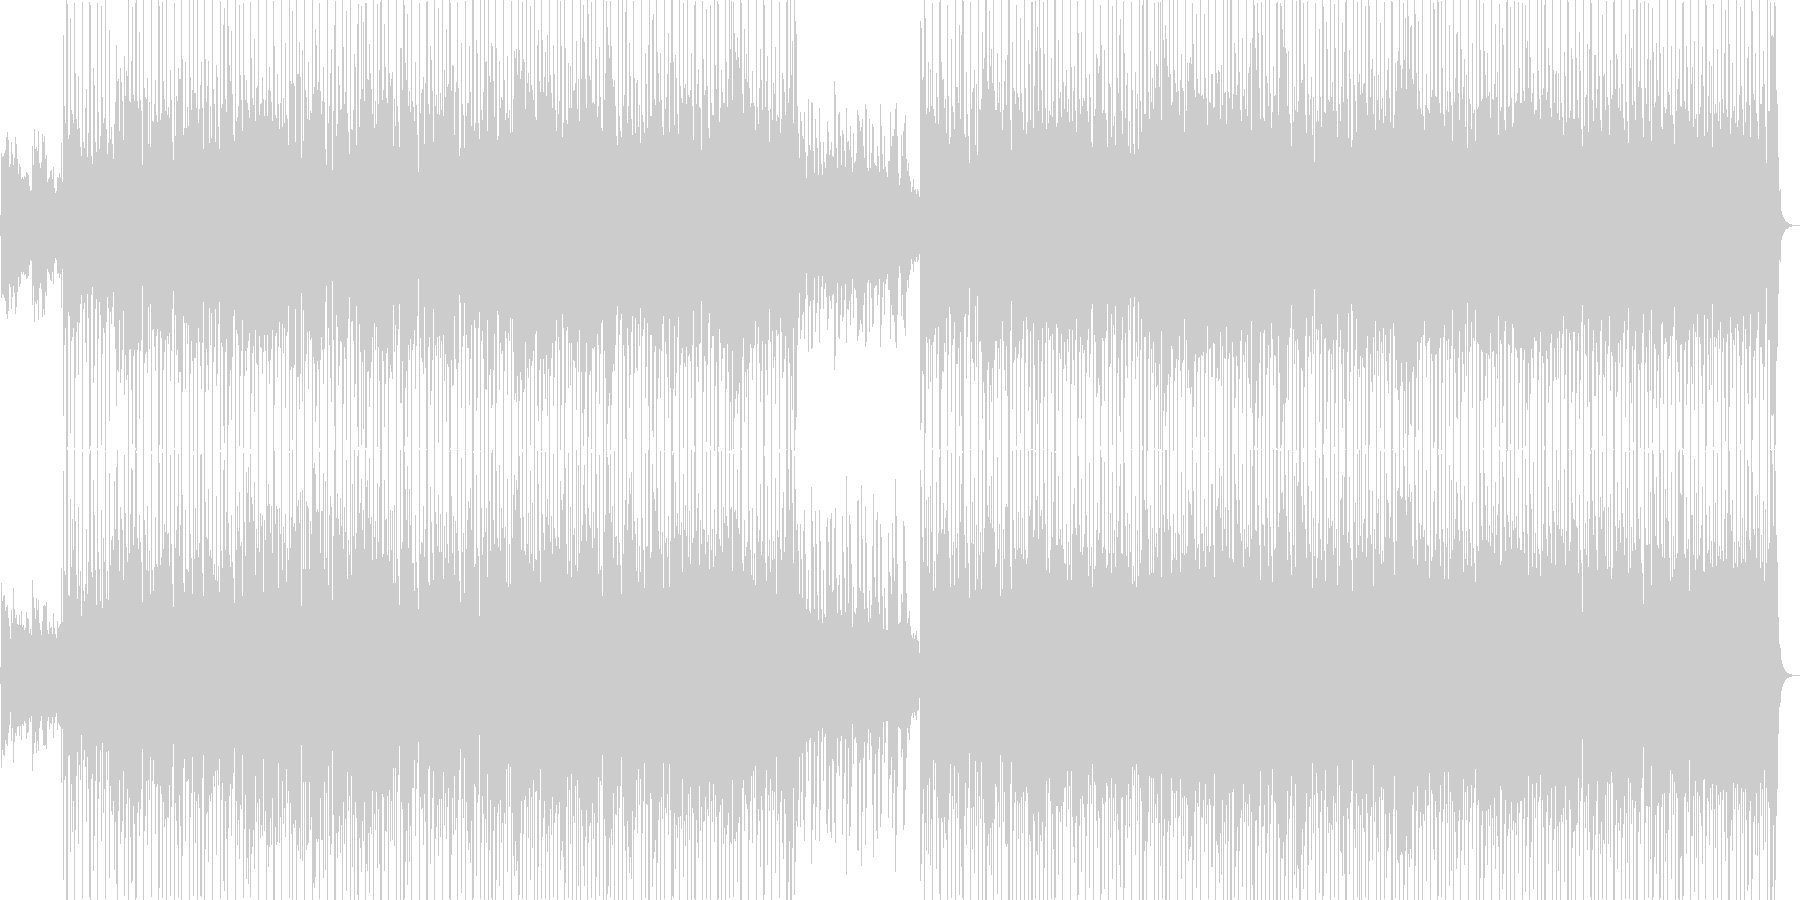 おしゃれなピアノ・シンセなどポップの未再生の波形